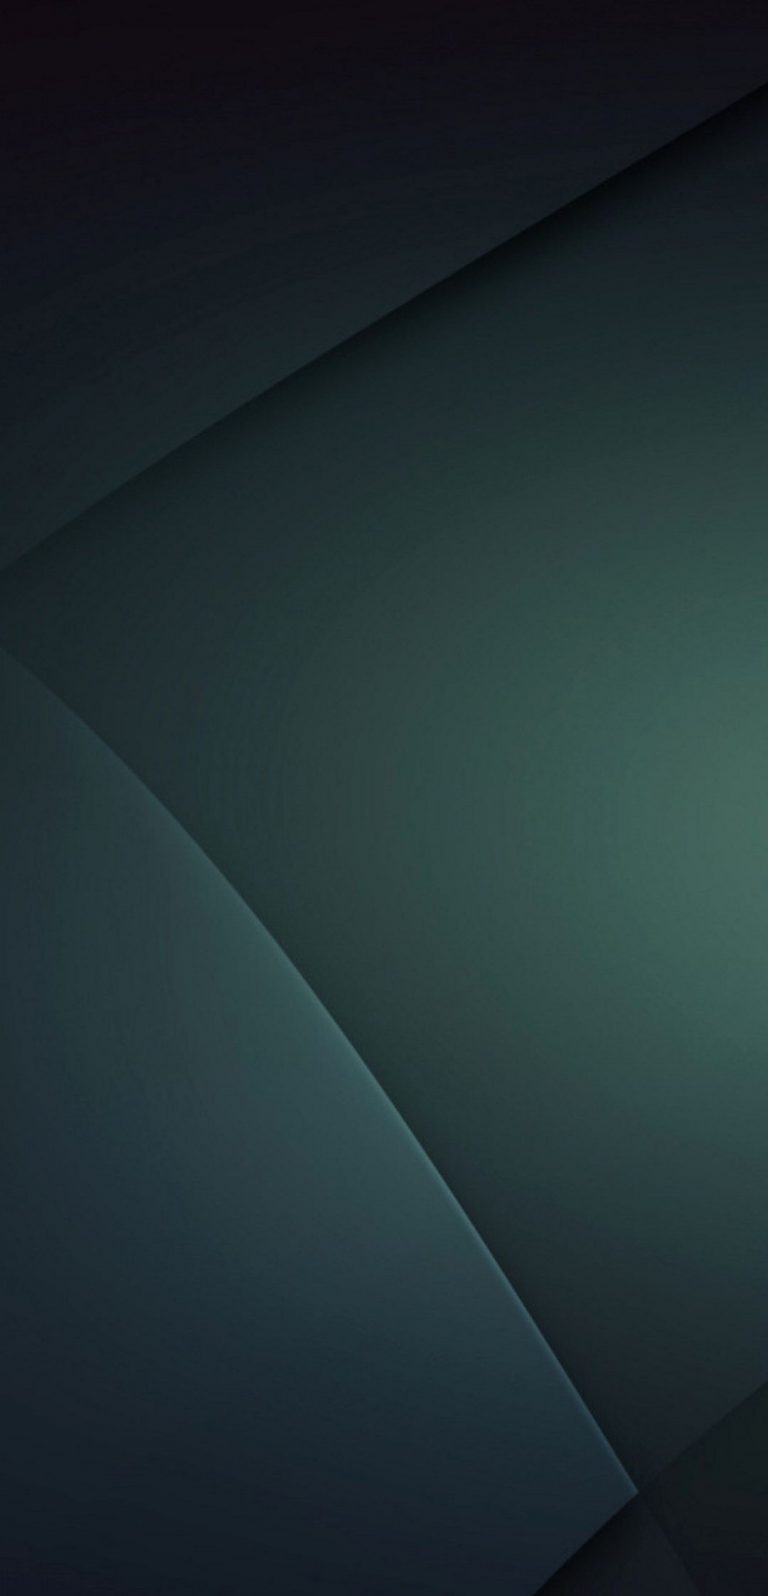 1080x2244 Wallpaper 070 768x1596